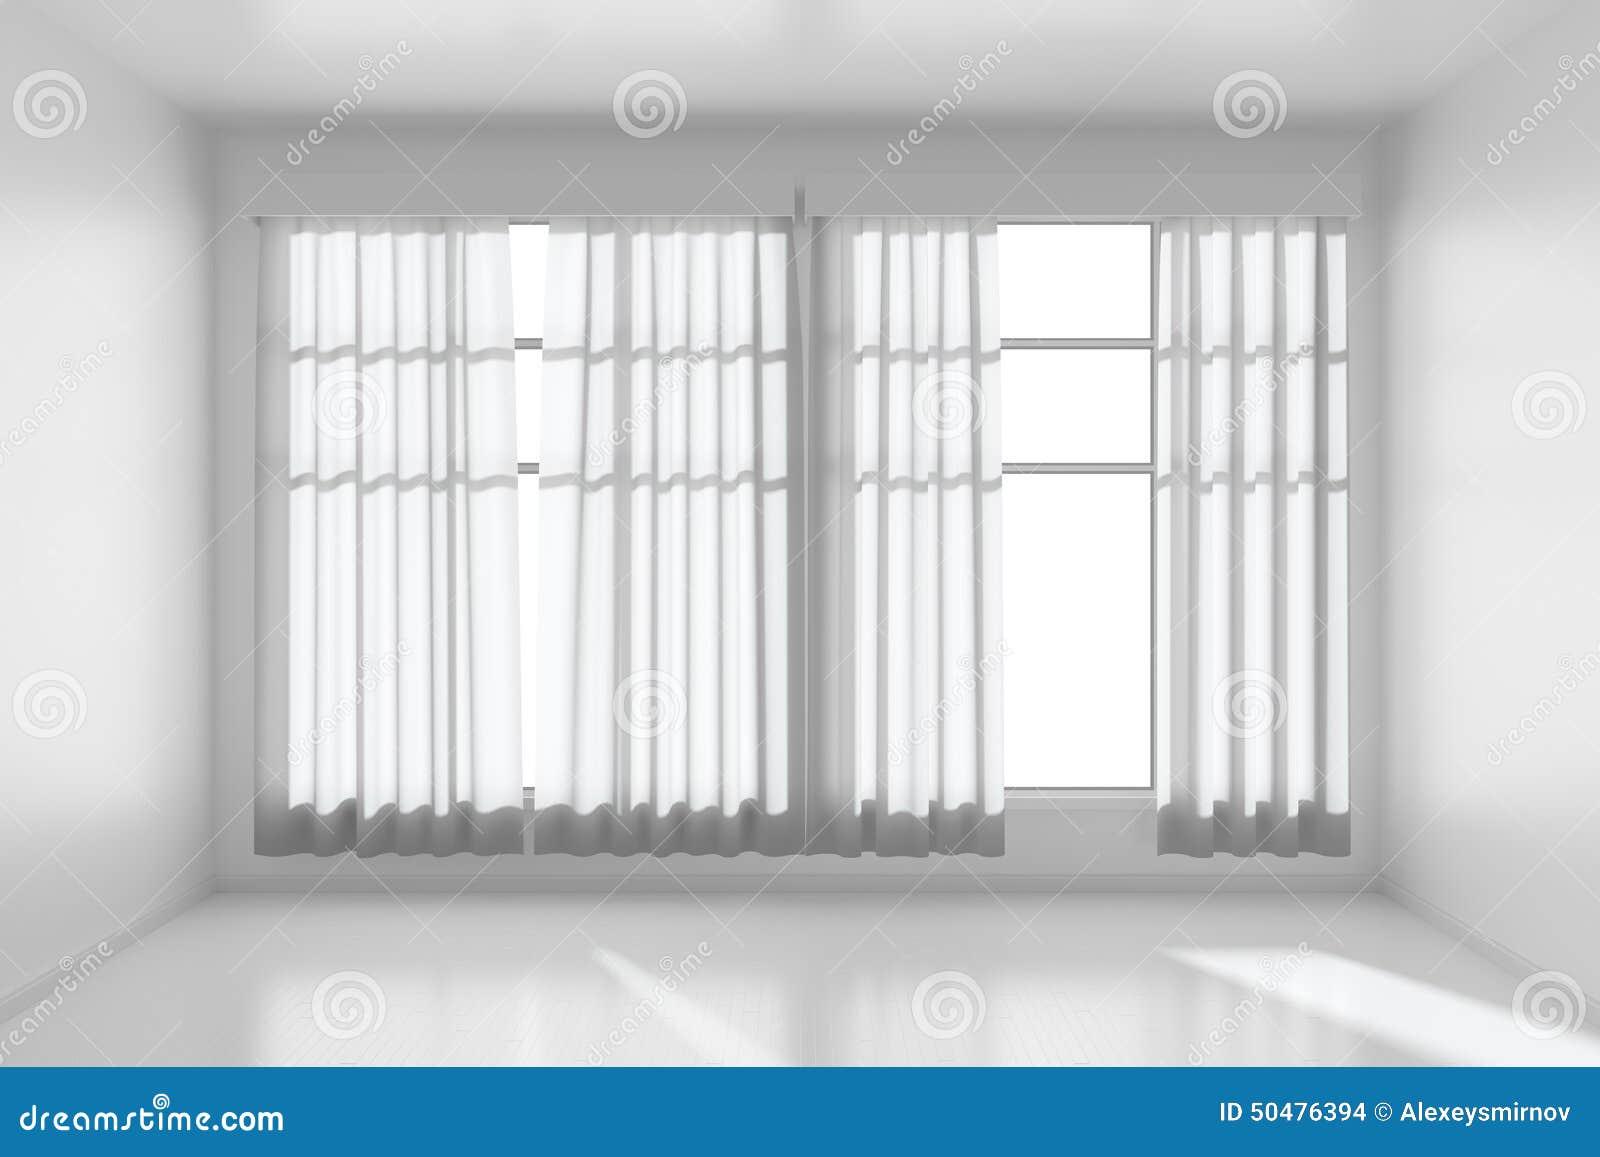 Pi Ce Vide Blanche Avec Les Murs Plats Plancher Blanc Et Fen Tre V